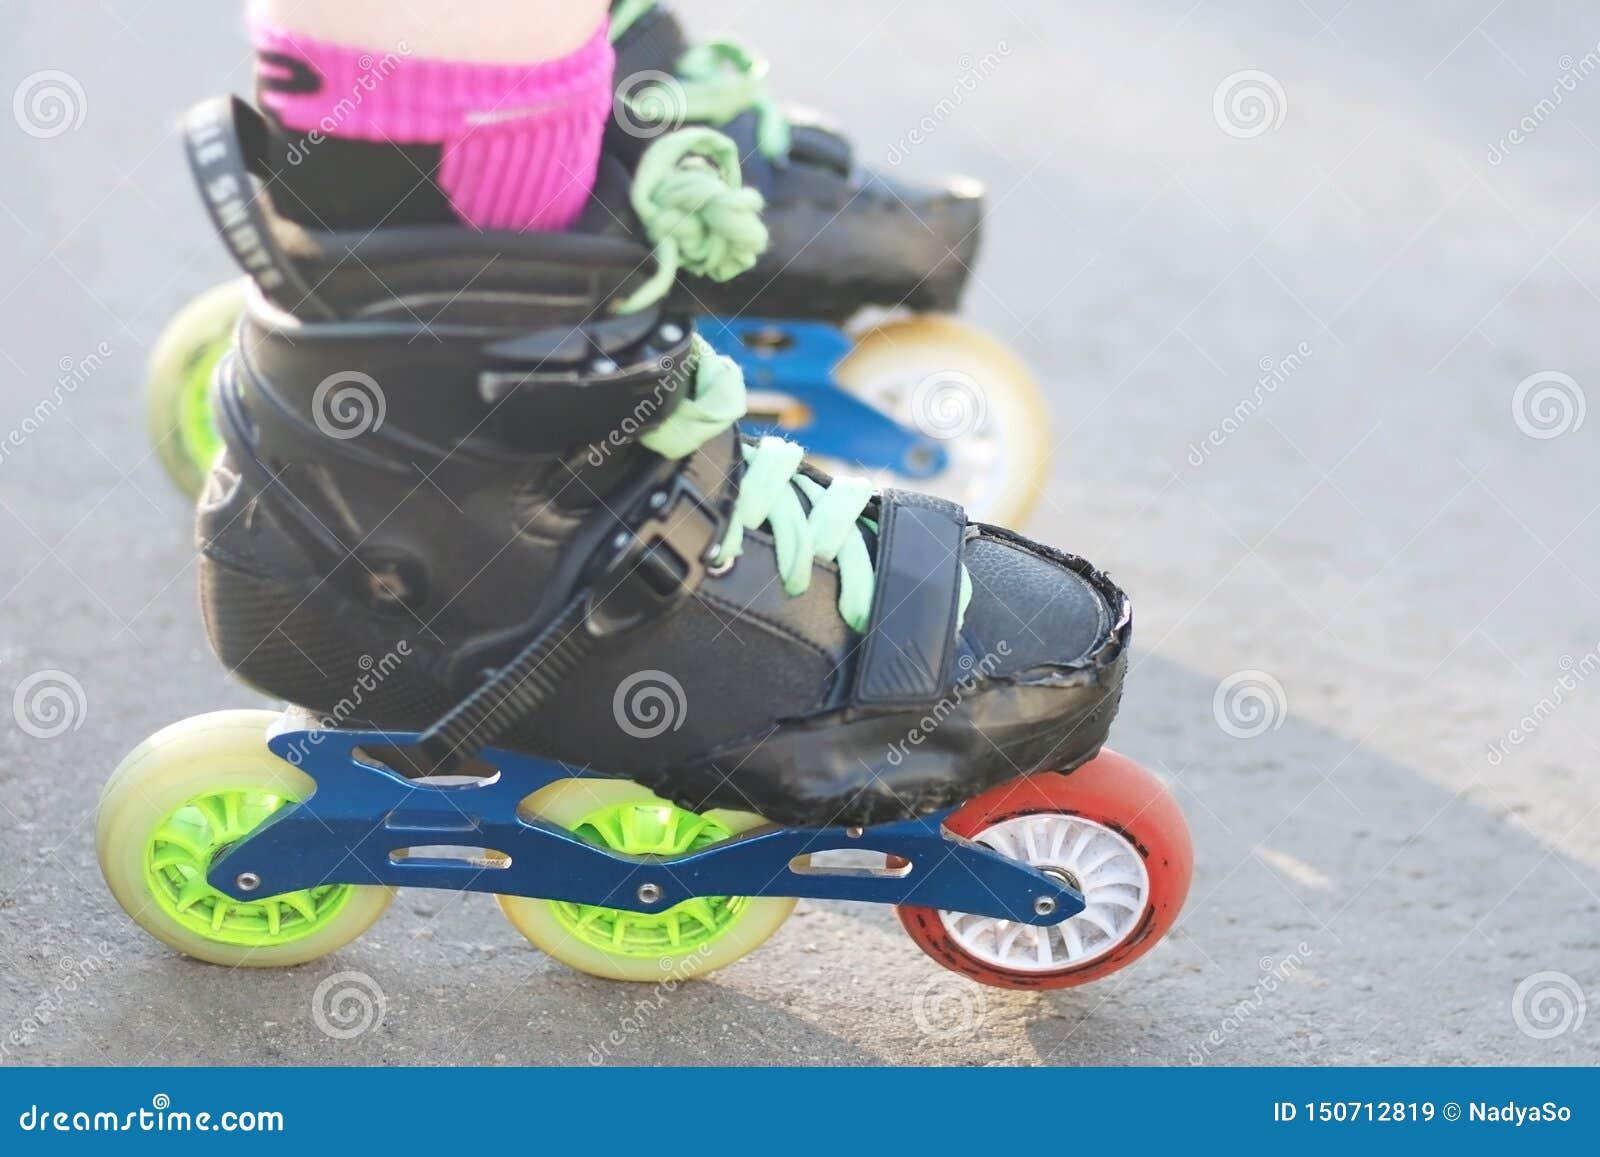 Πόδια κυλίνδρου που φορούν τους κυλίνδρους για ευθύγραμμο και slalom που κάνουν πατινάζ